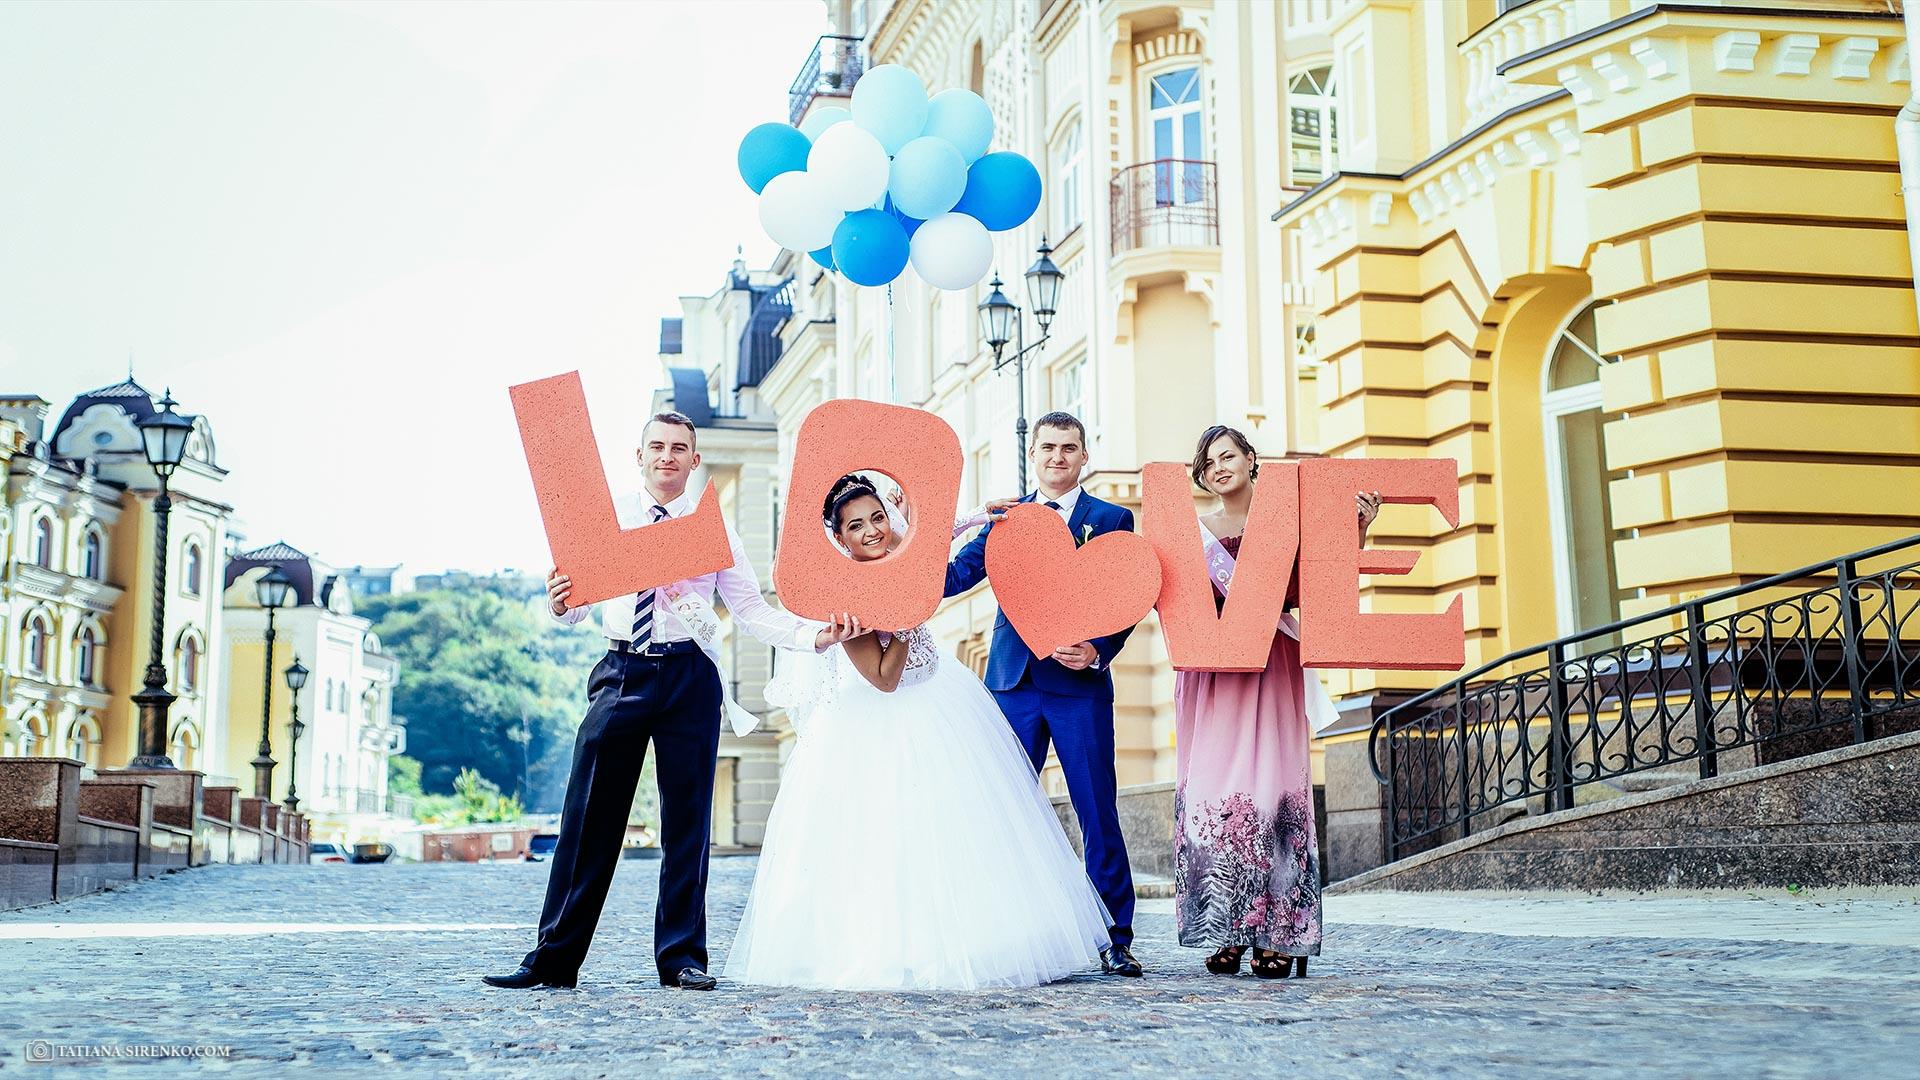 Профессиональный свадебный фотограф в Киеве